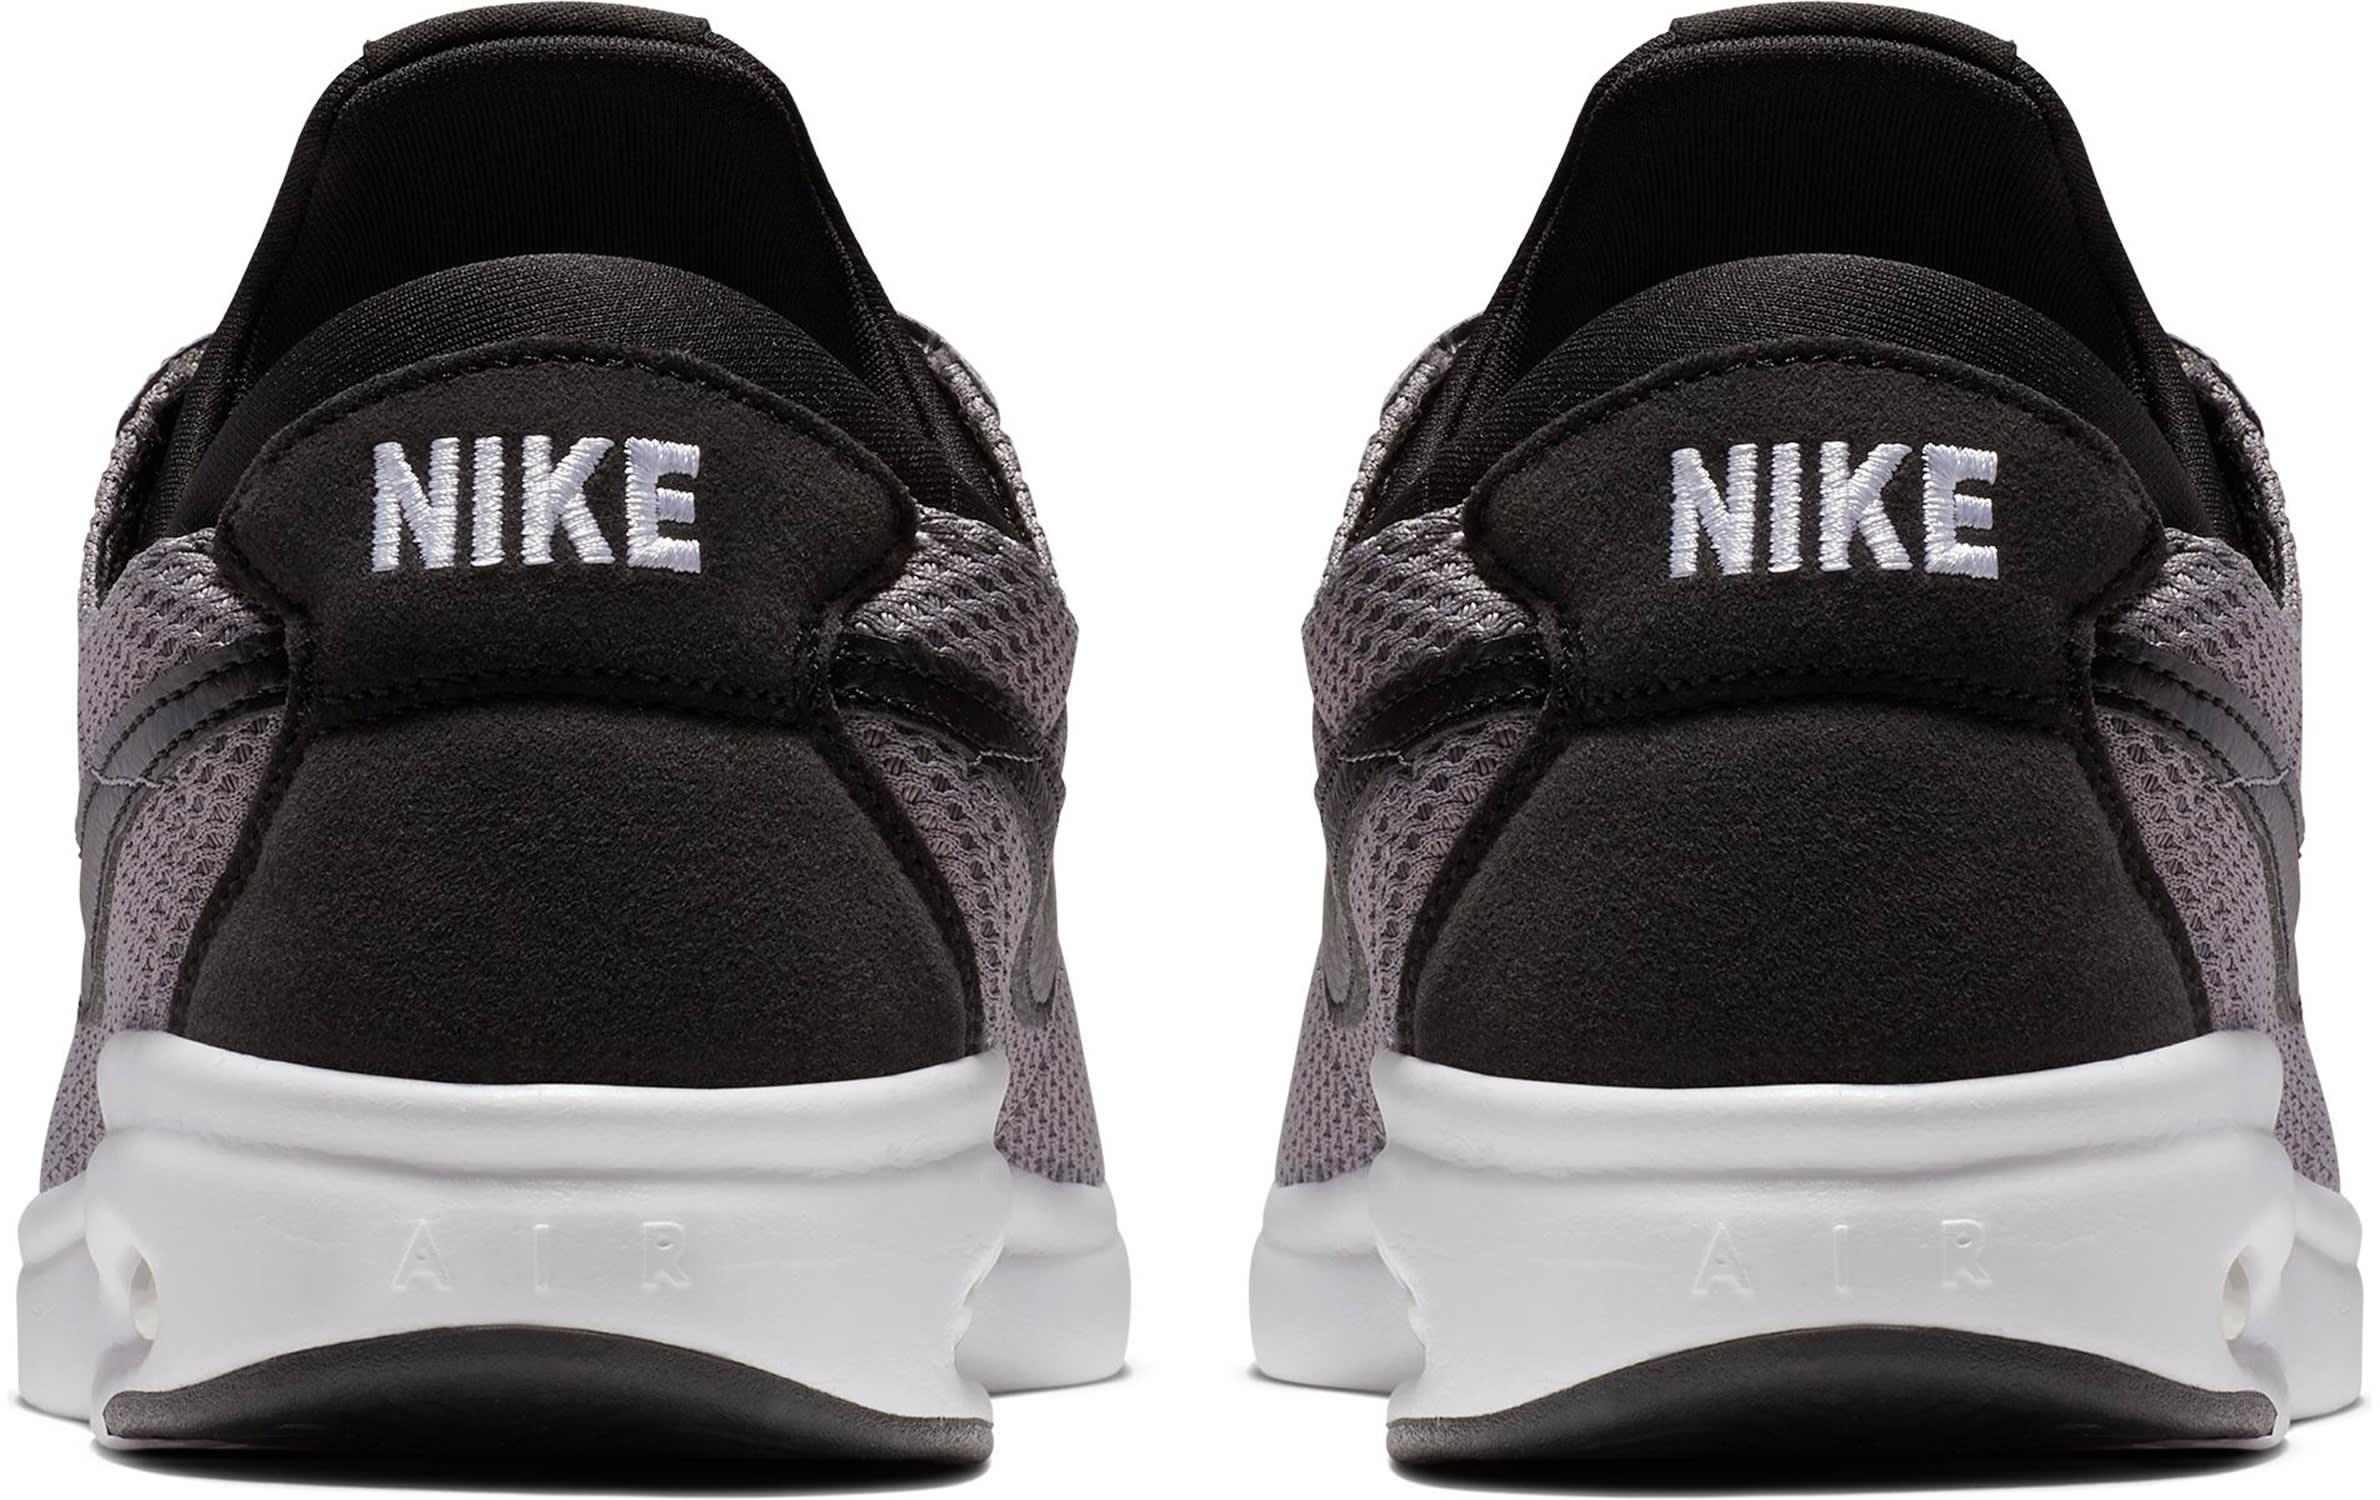 4f84eb6f0a5 Nike SB Air Max Bruin Vapor Skate Shoes - thumbnail 5